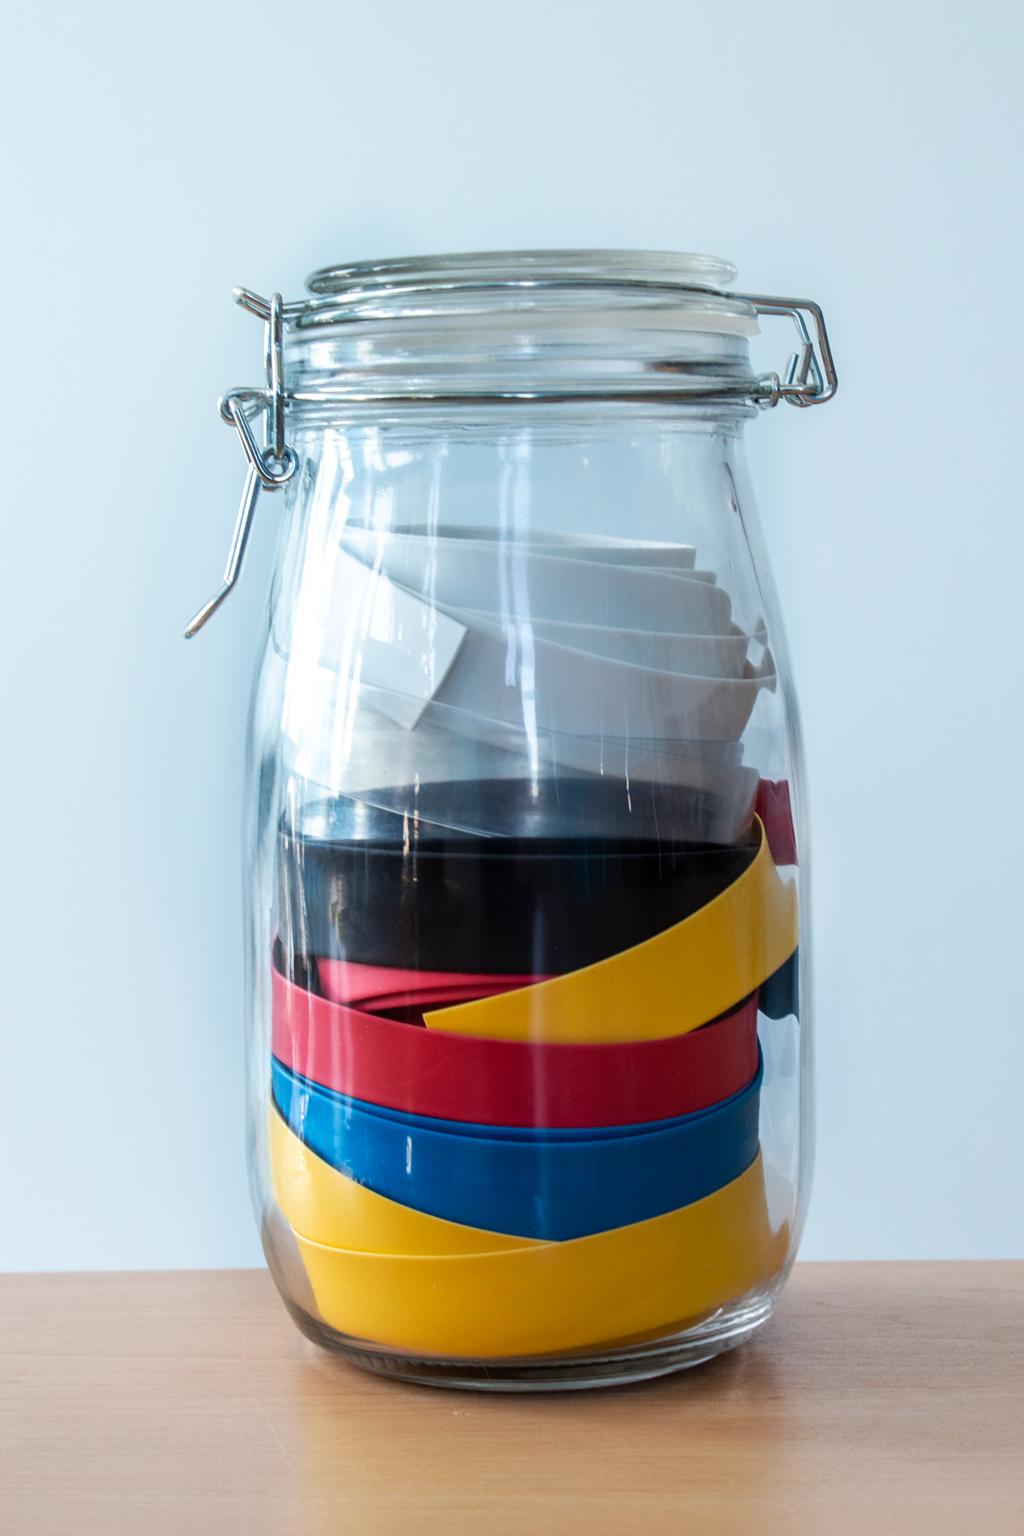 Jar containing heatshrink reels